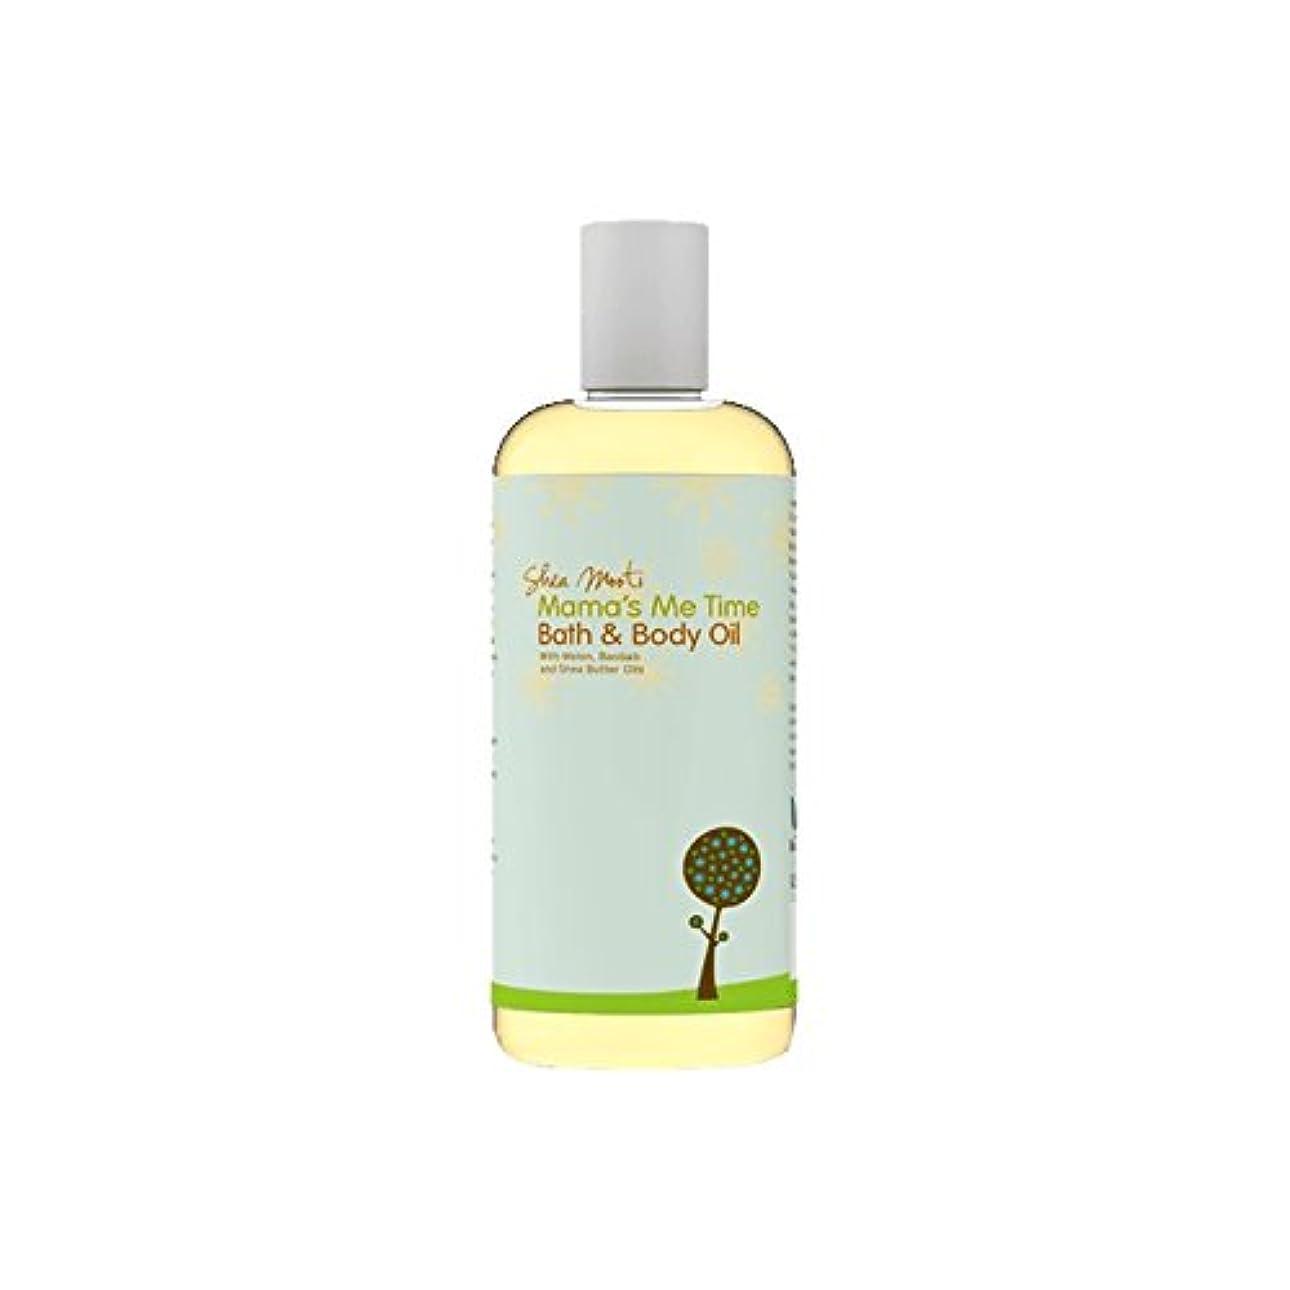 現像植物の孤独Shea Mooti Mama's Me Time Bath and Body Oil 110g (Pack of 6) - シアバターMootiママの私の時間のバス、ボディオイル110グラム (x6) [並行輸入品]